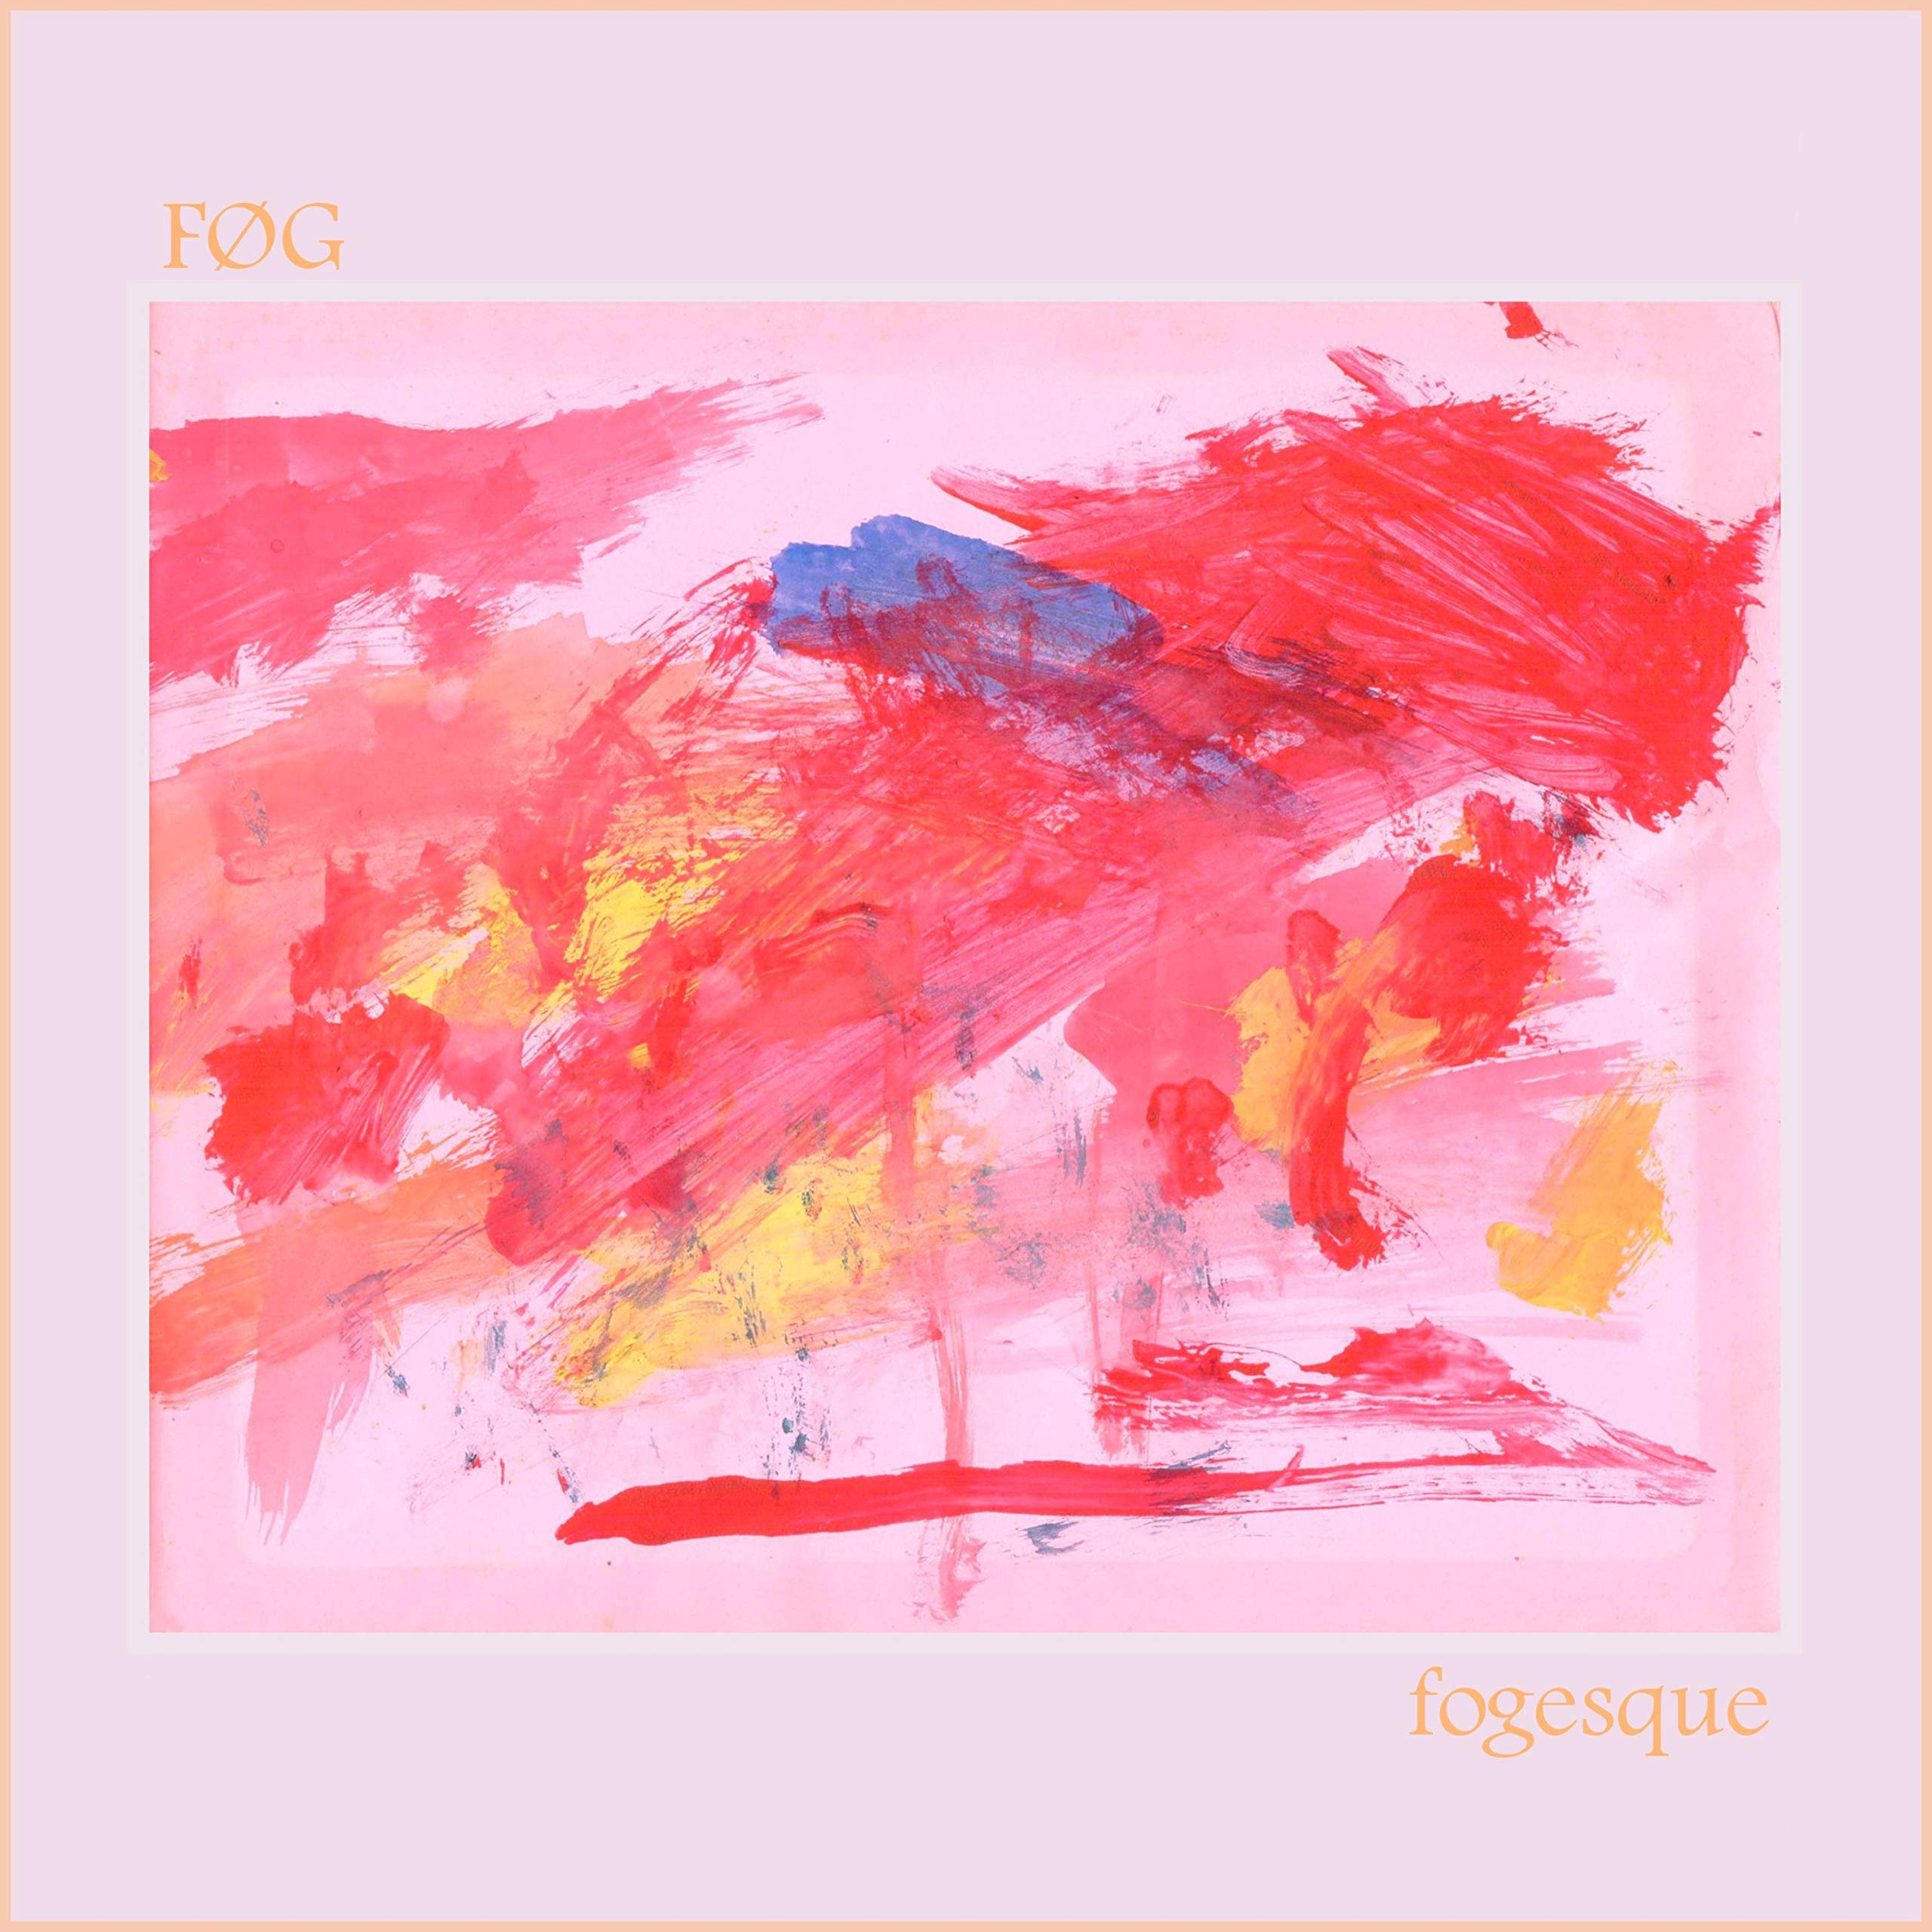 FOG - Fogesque (2020) [FLAC] Download